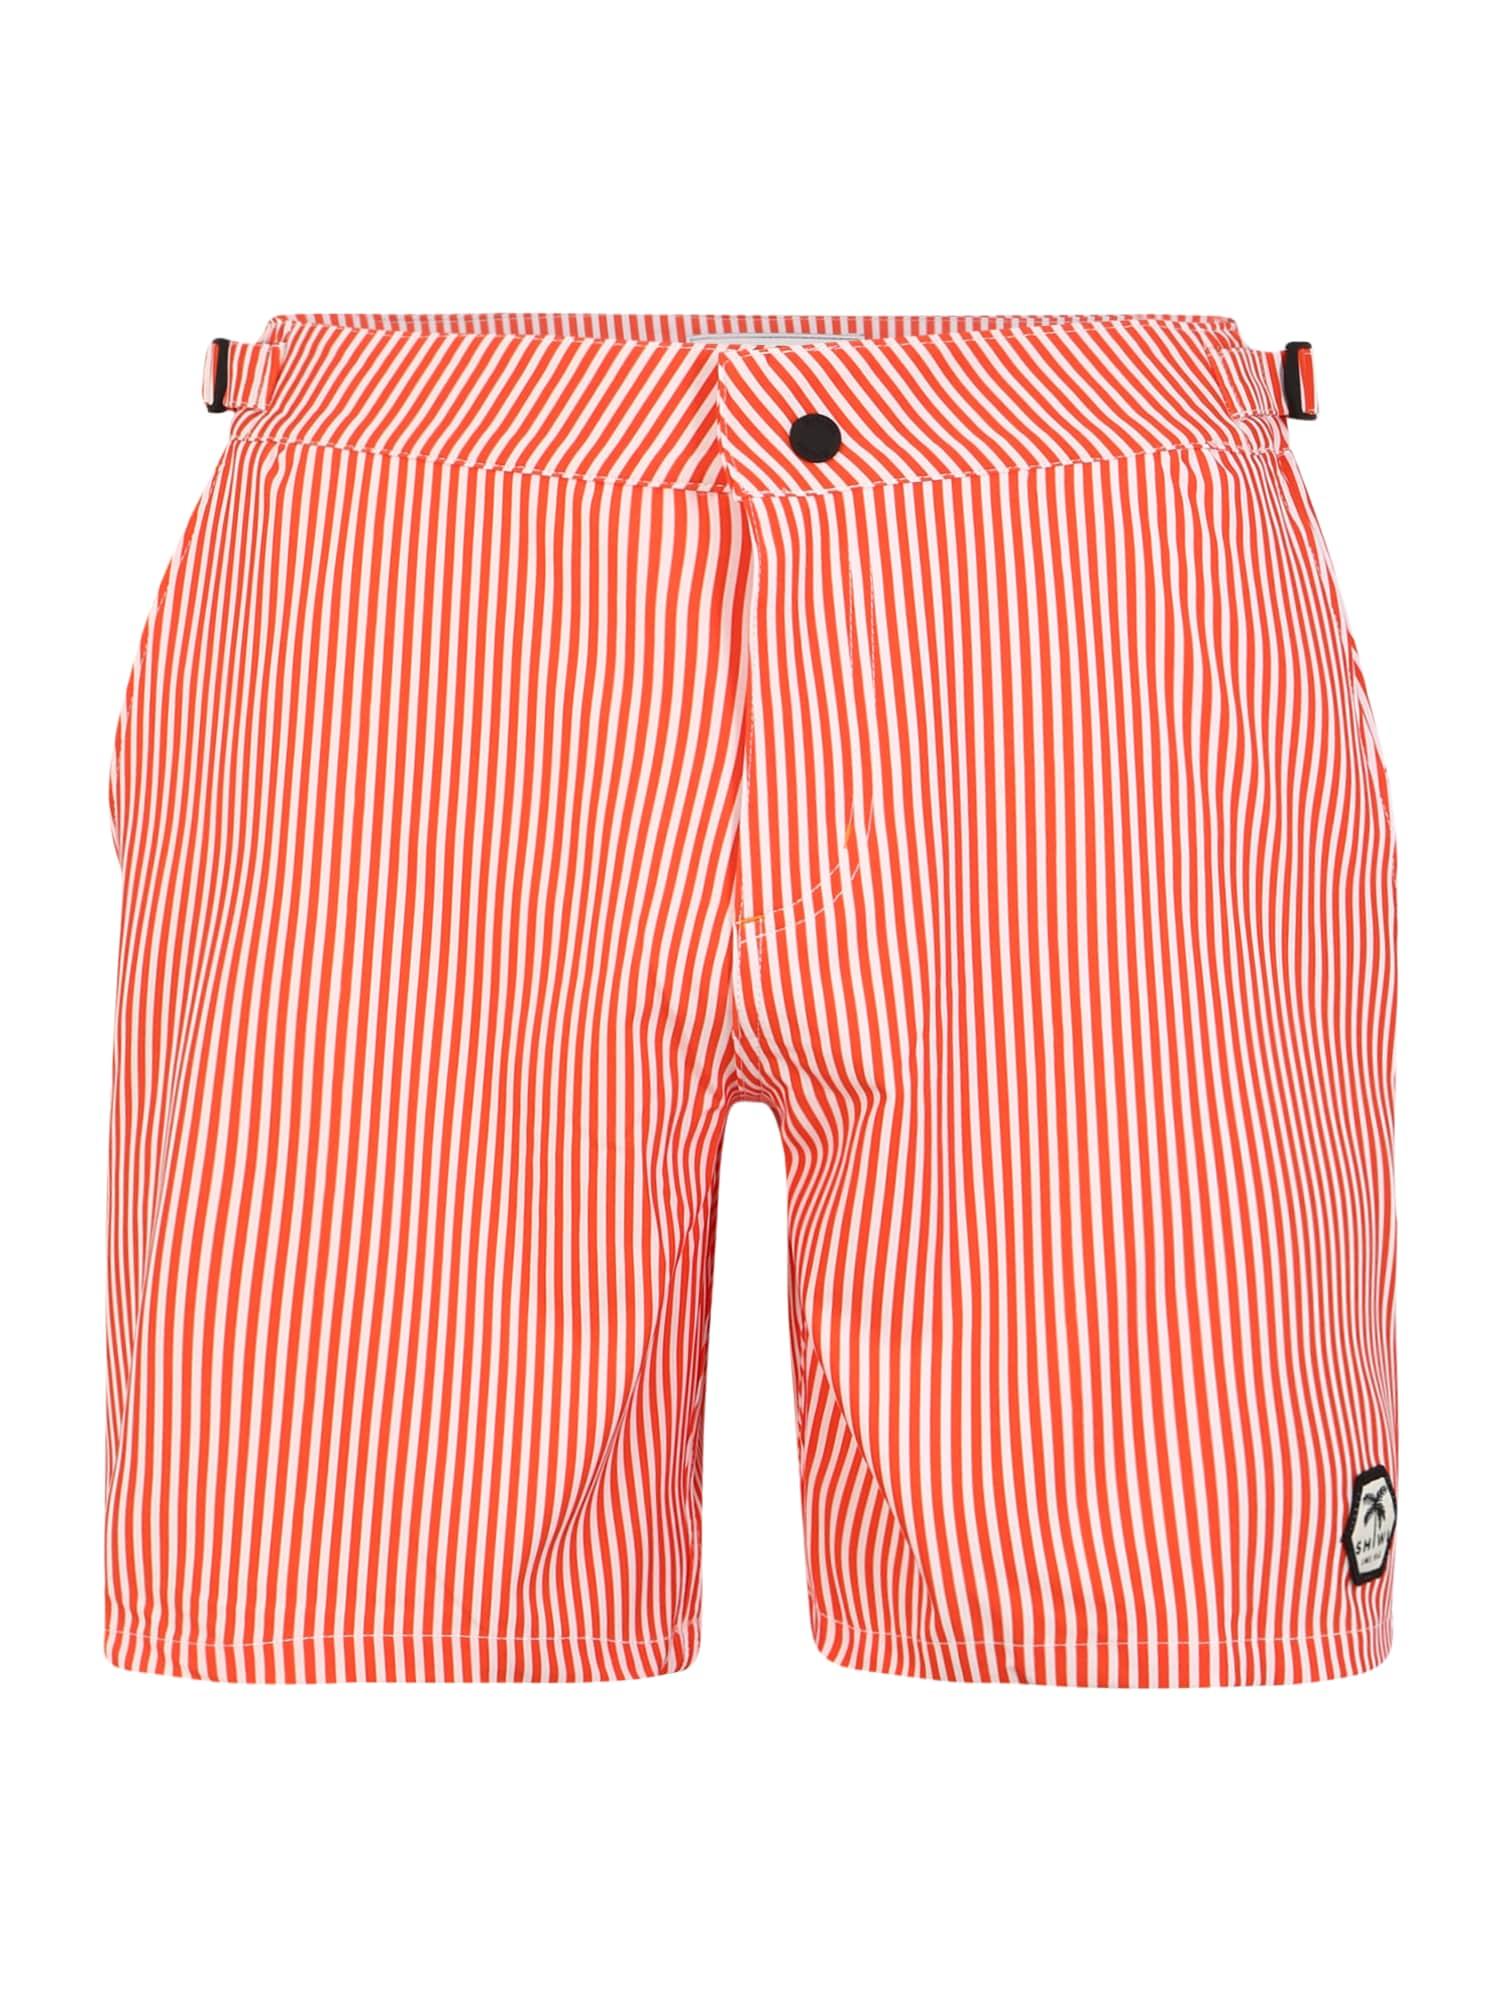 Shiwi Plavecké šortky 'Pinstripe'  svetločervená